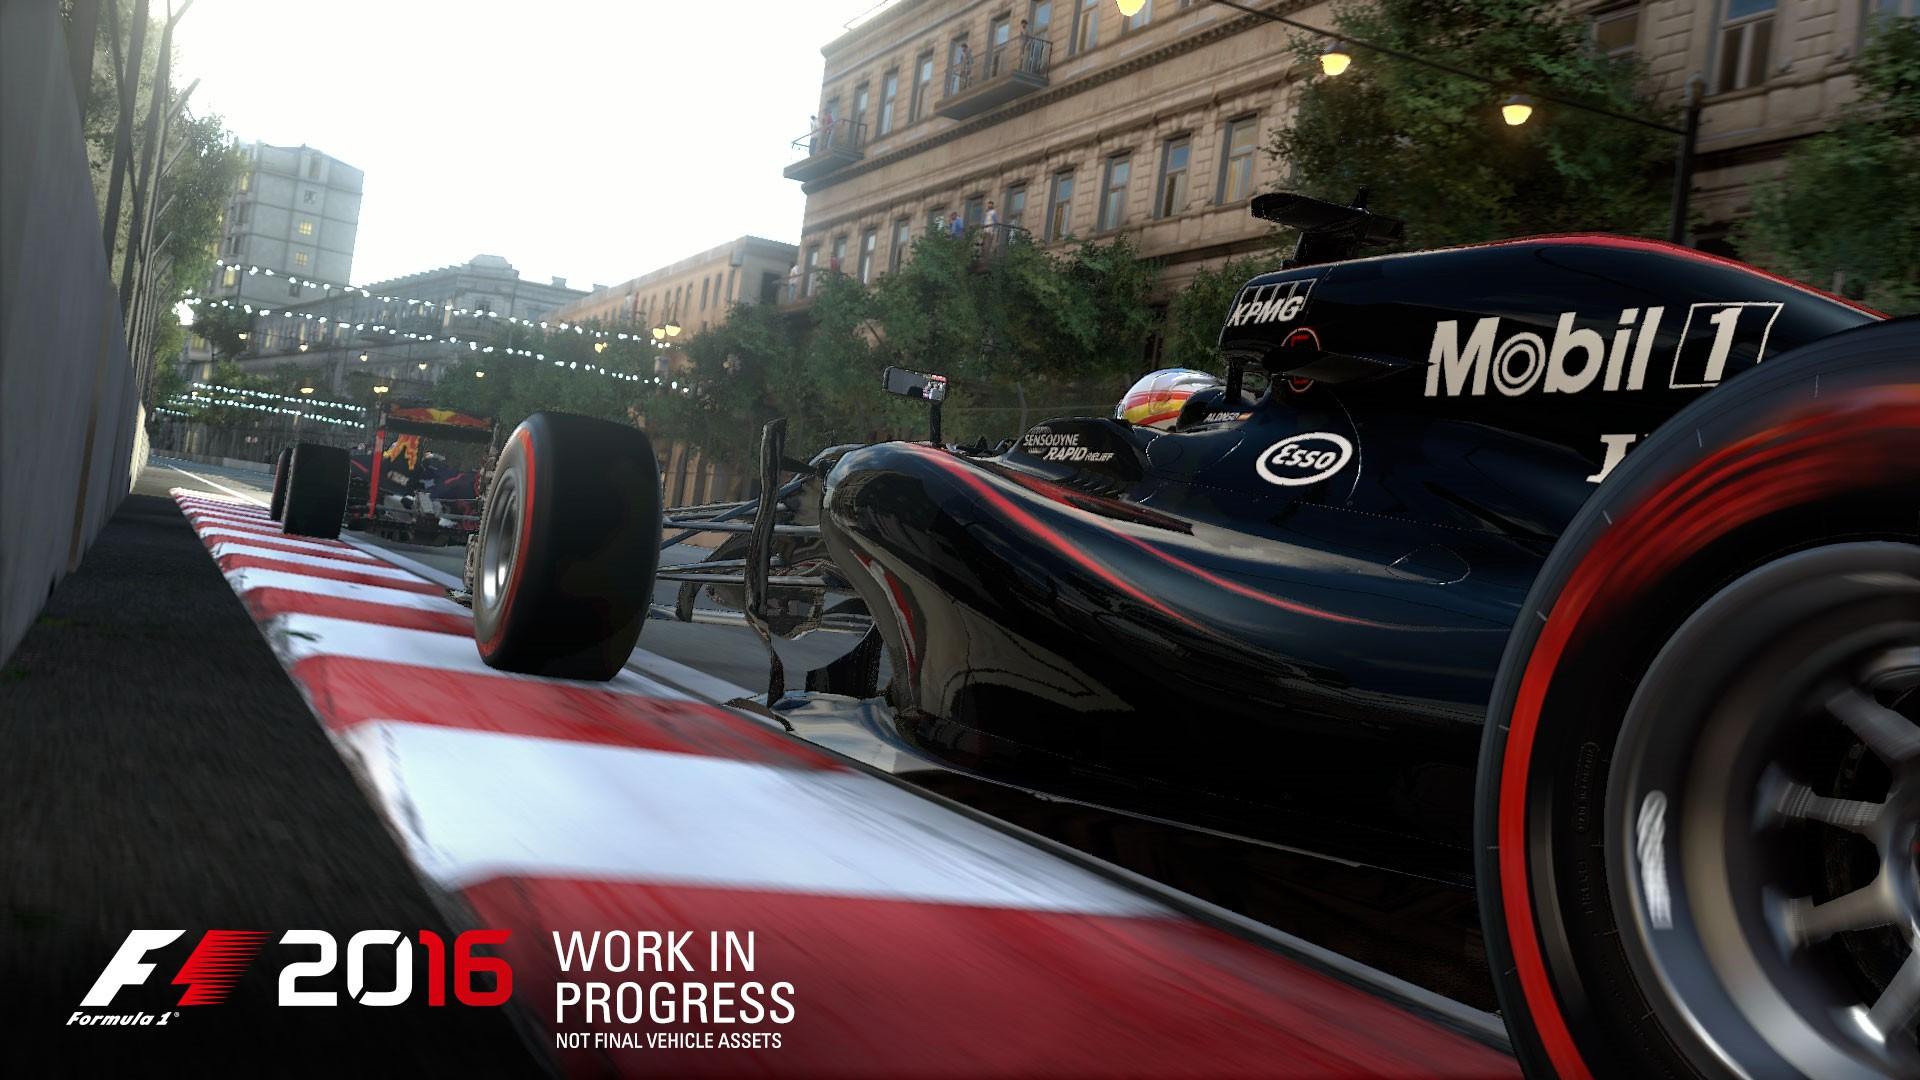 F1 2016游戏截图欣赏 超逼真系统等你来体